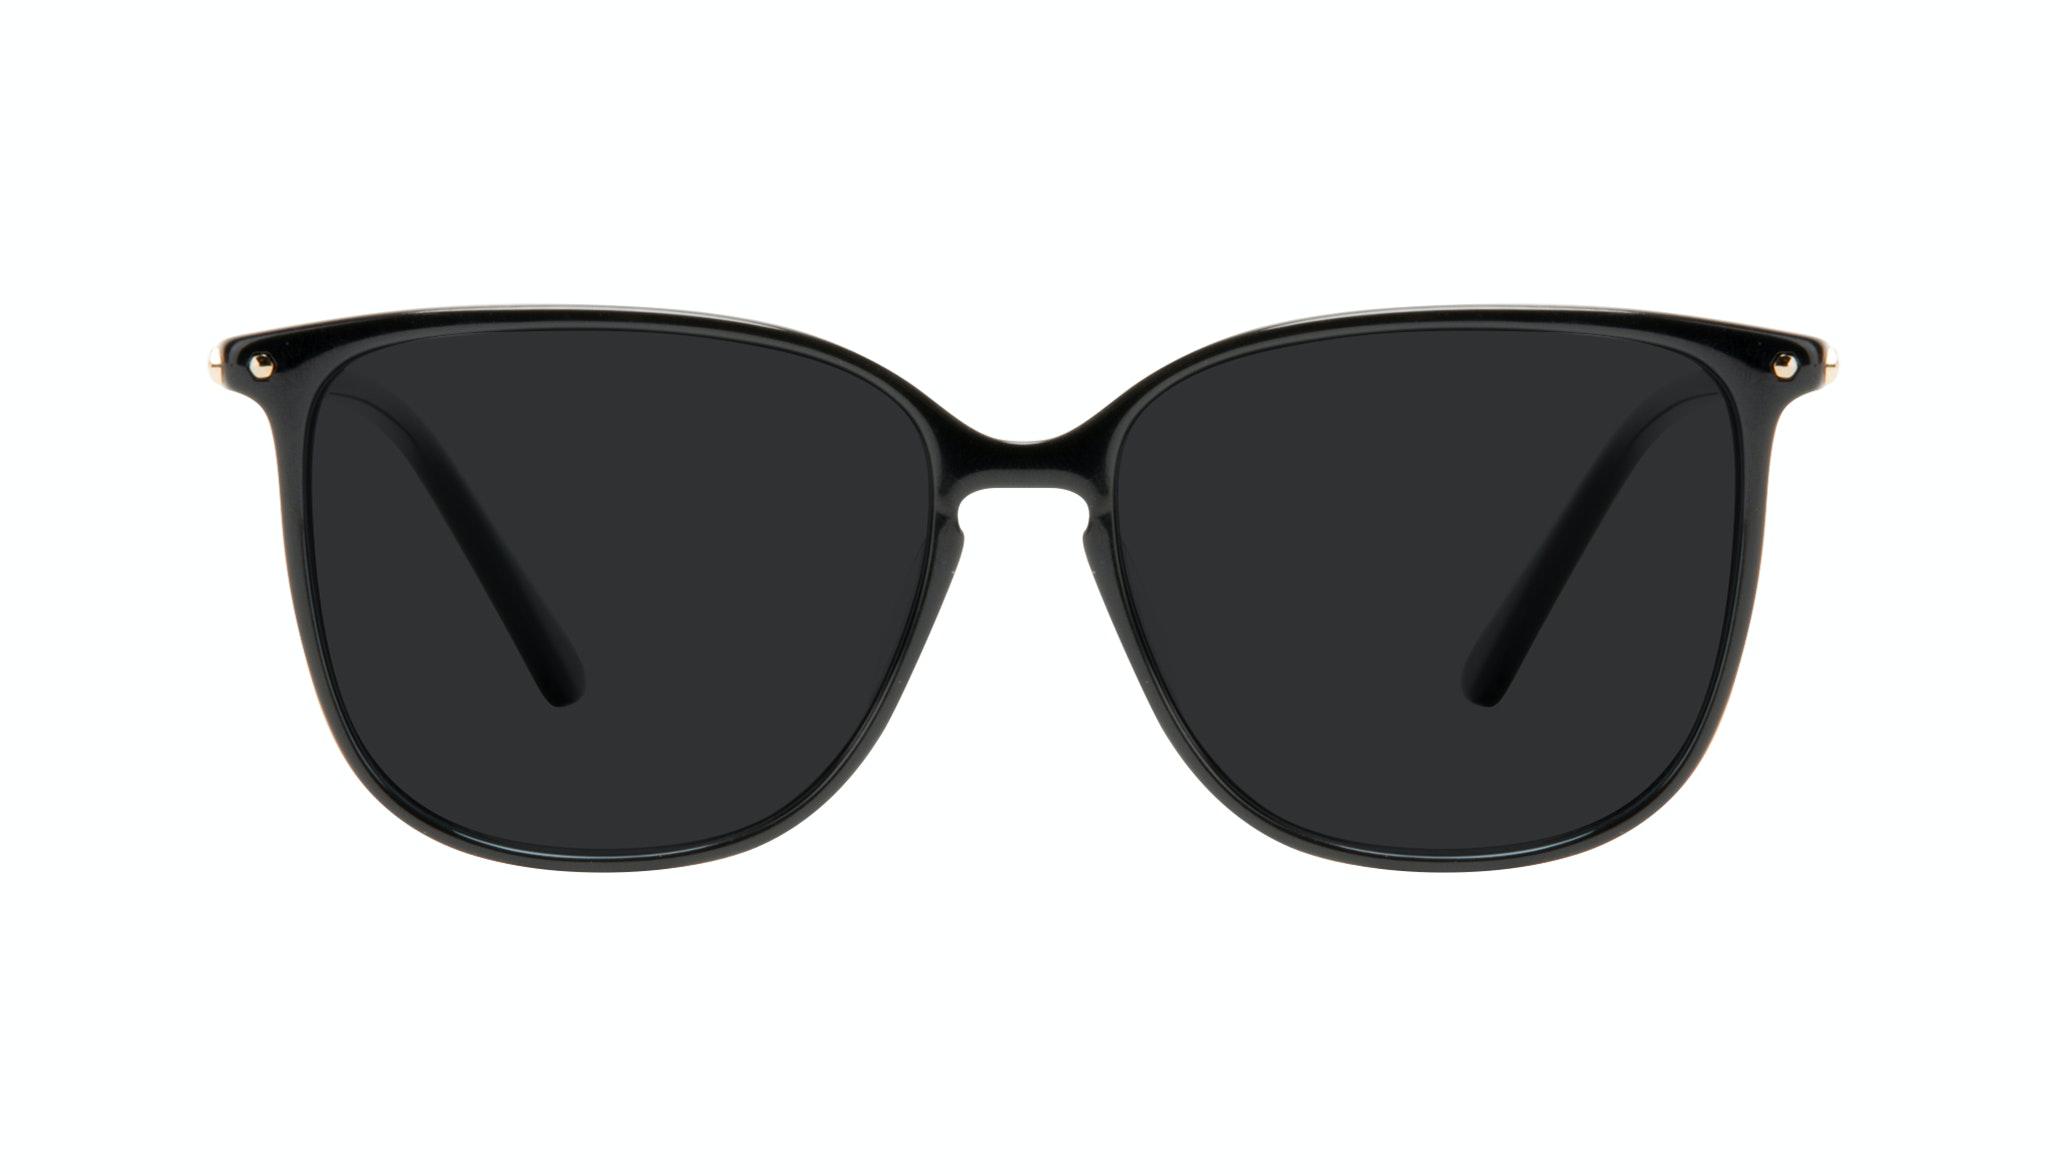 Lunettes tendance Carrée Lunettes de soleil Femmes Sonia Pitch Black